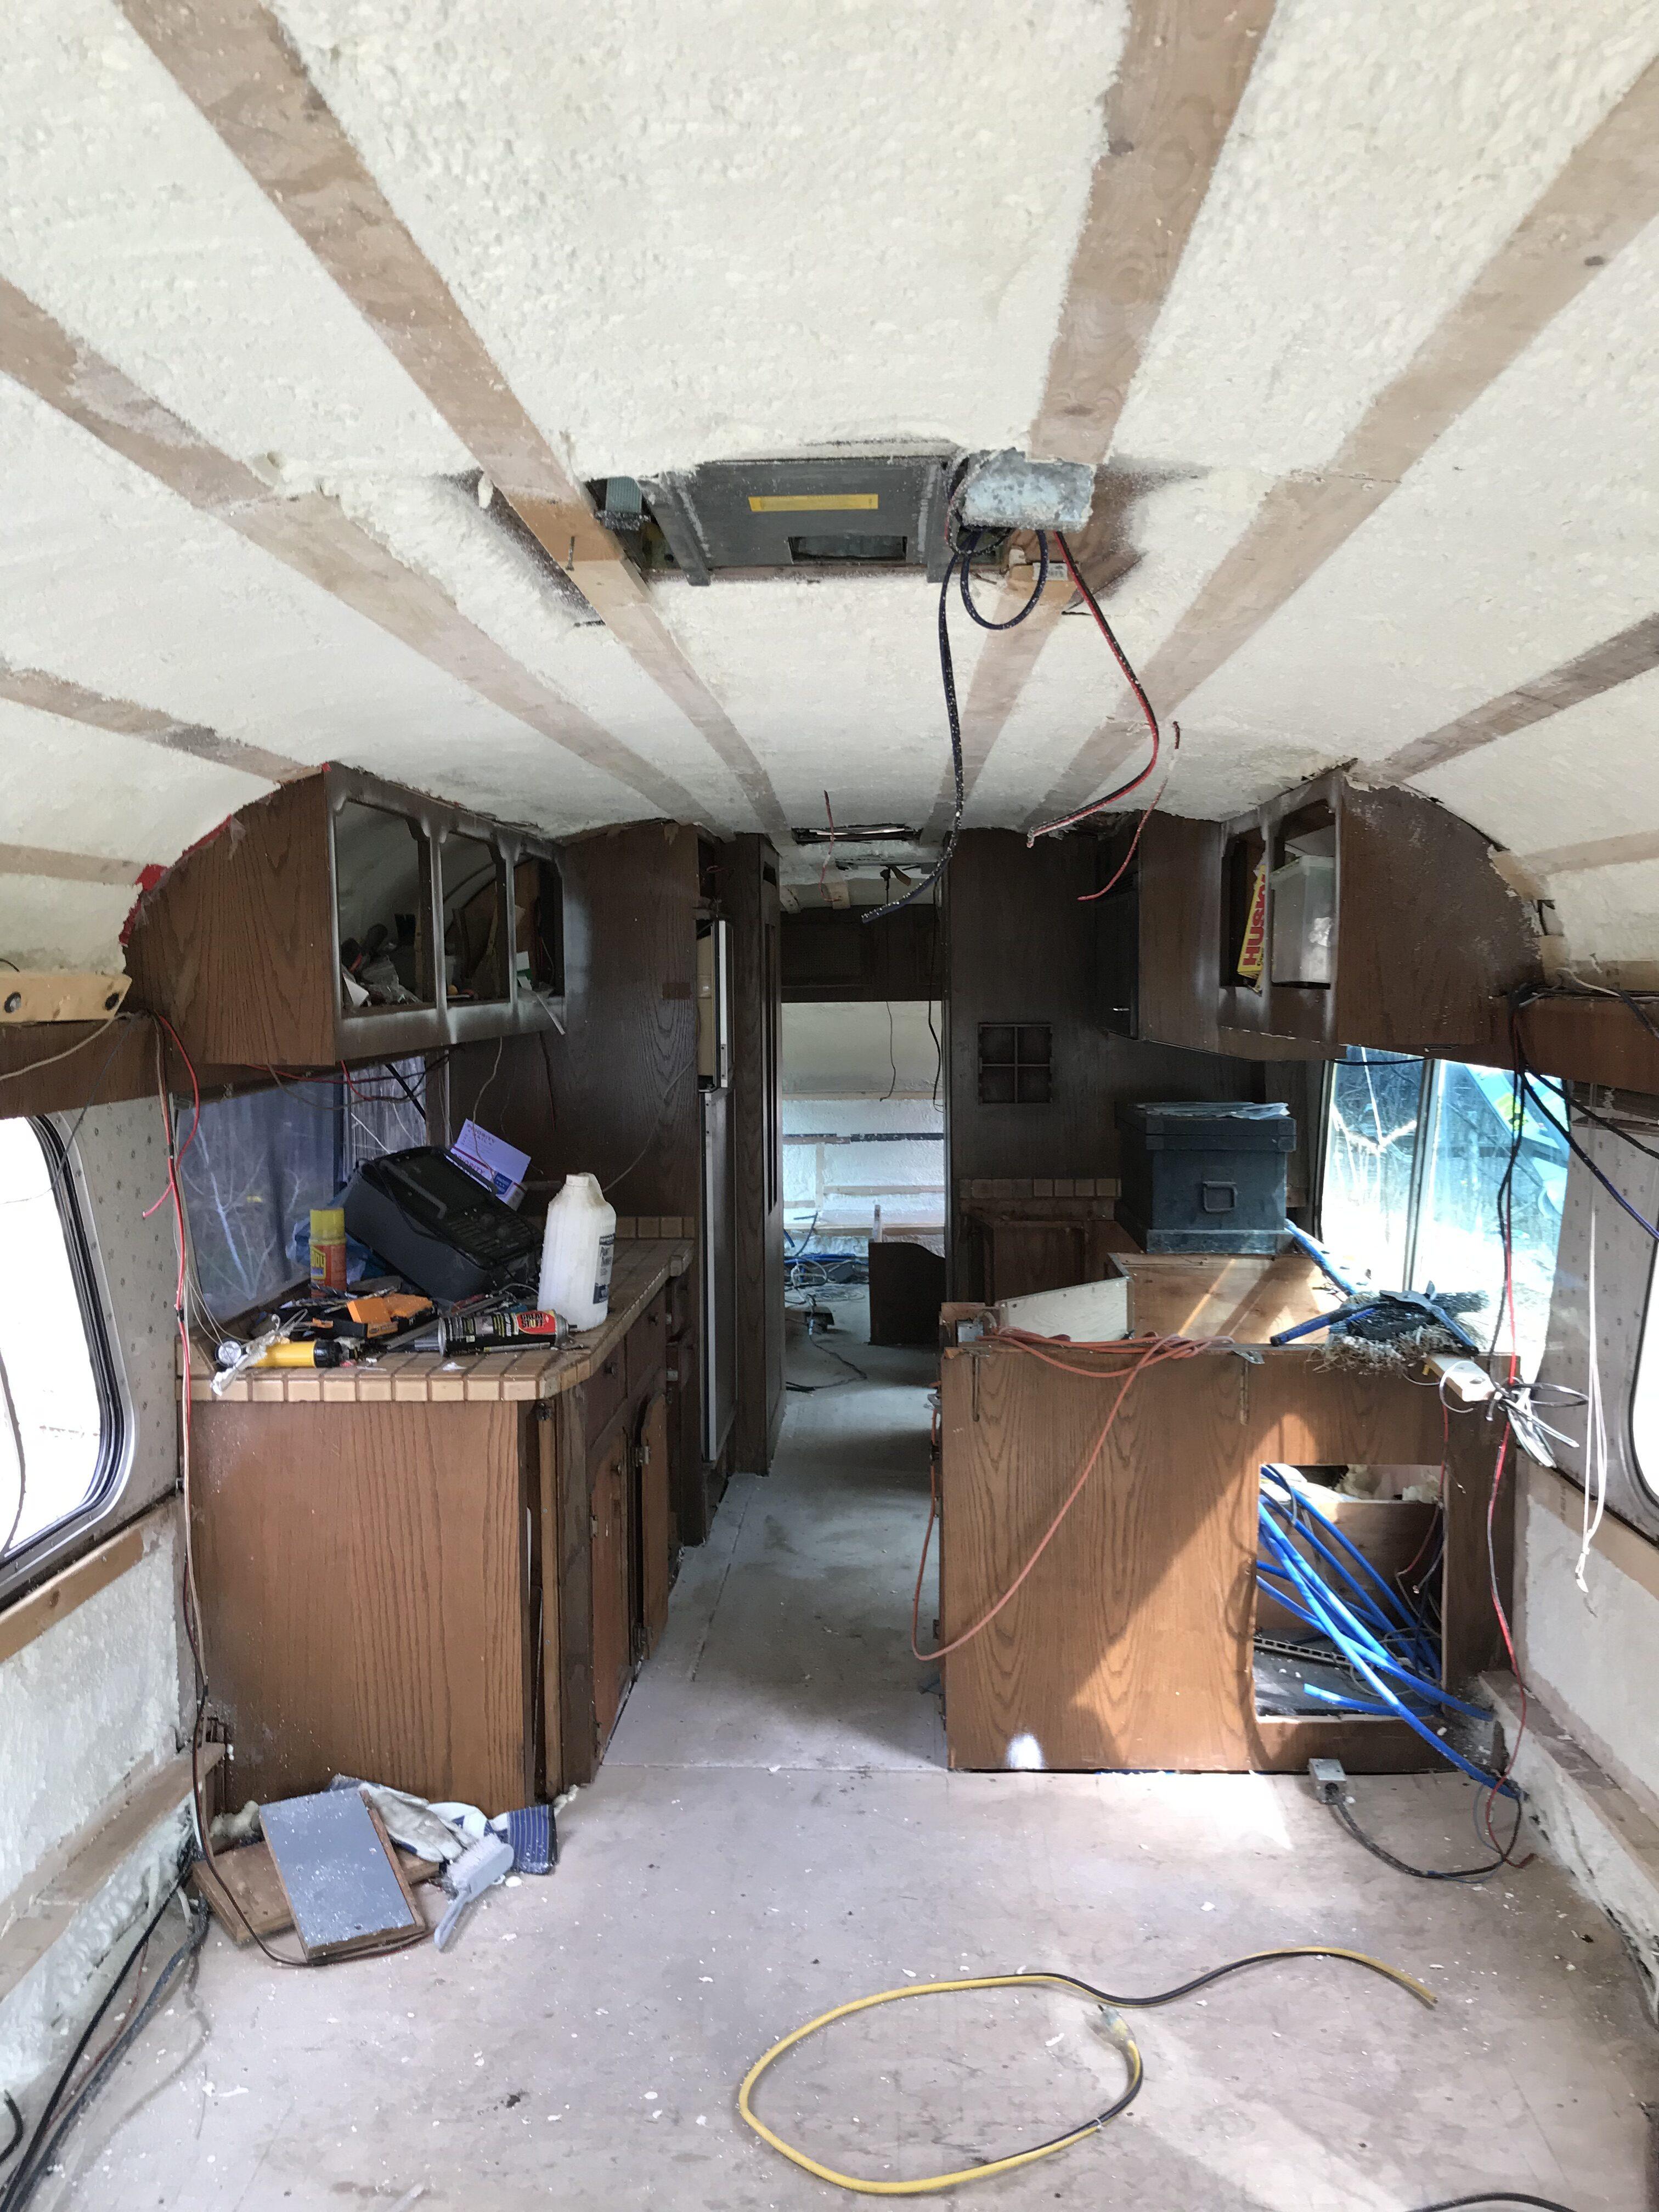 Bus foam! Berkshires, MA